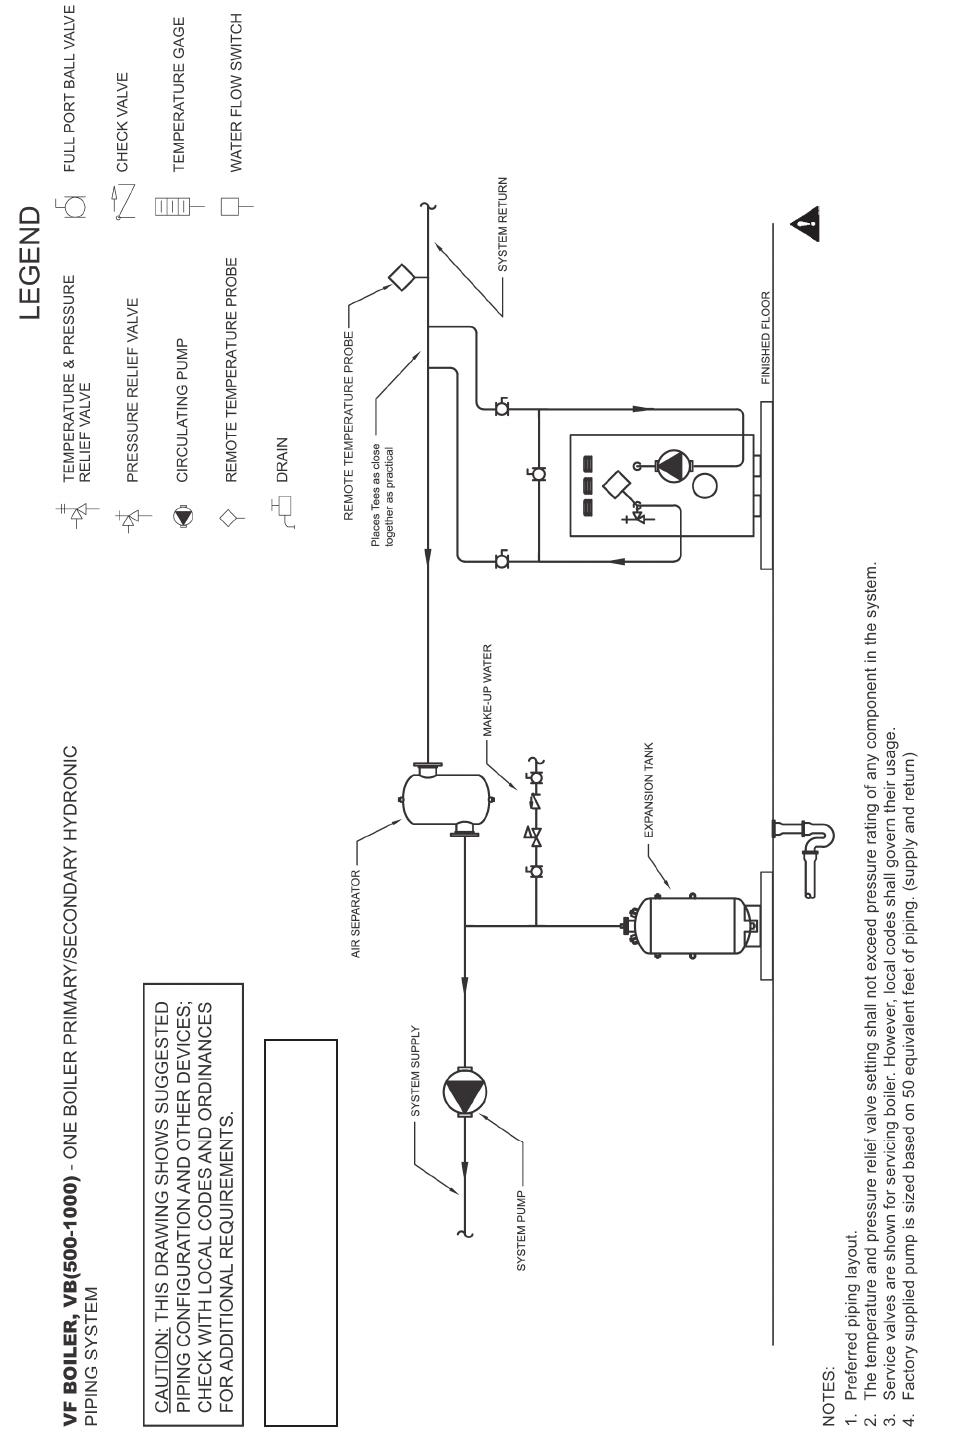 Ao Smith Vf Boiler Wiring Diagram - Wiring Diagram •